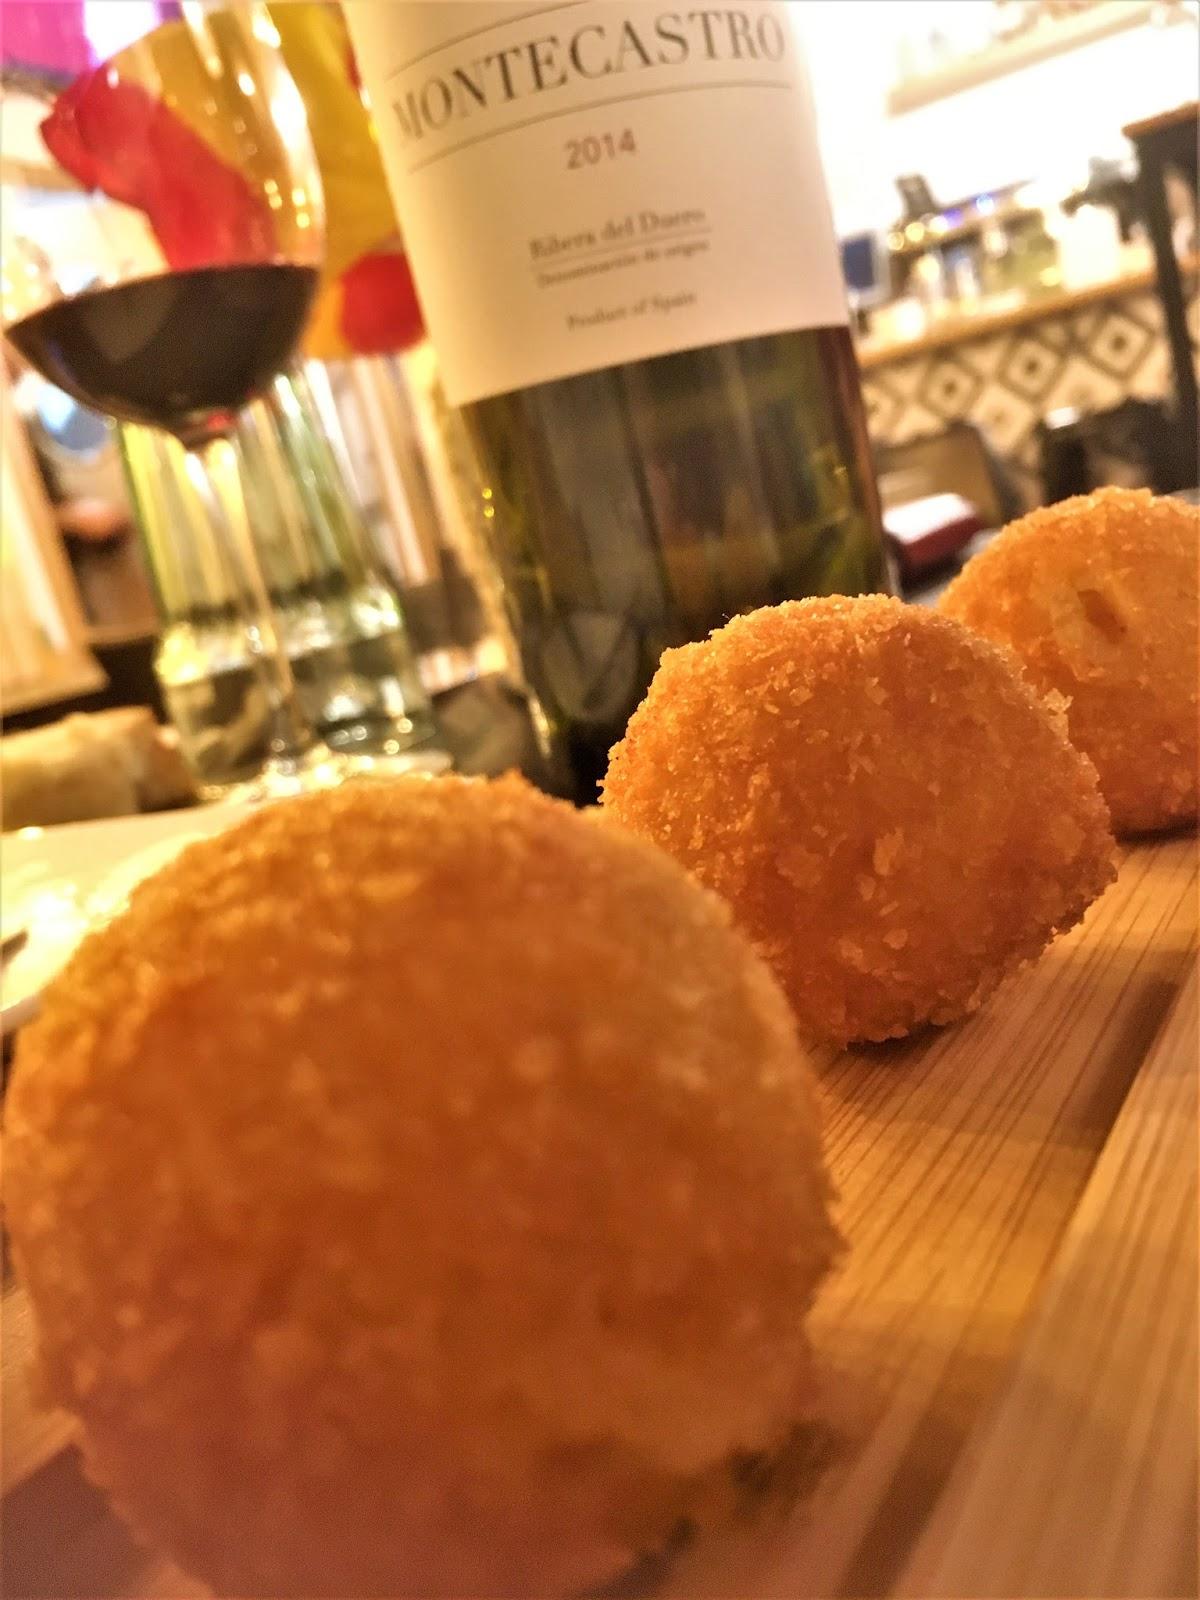 El troblogdita: Dos días bar - Restaurante en Madrid